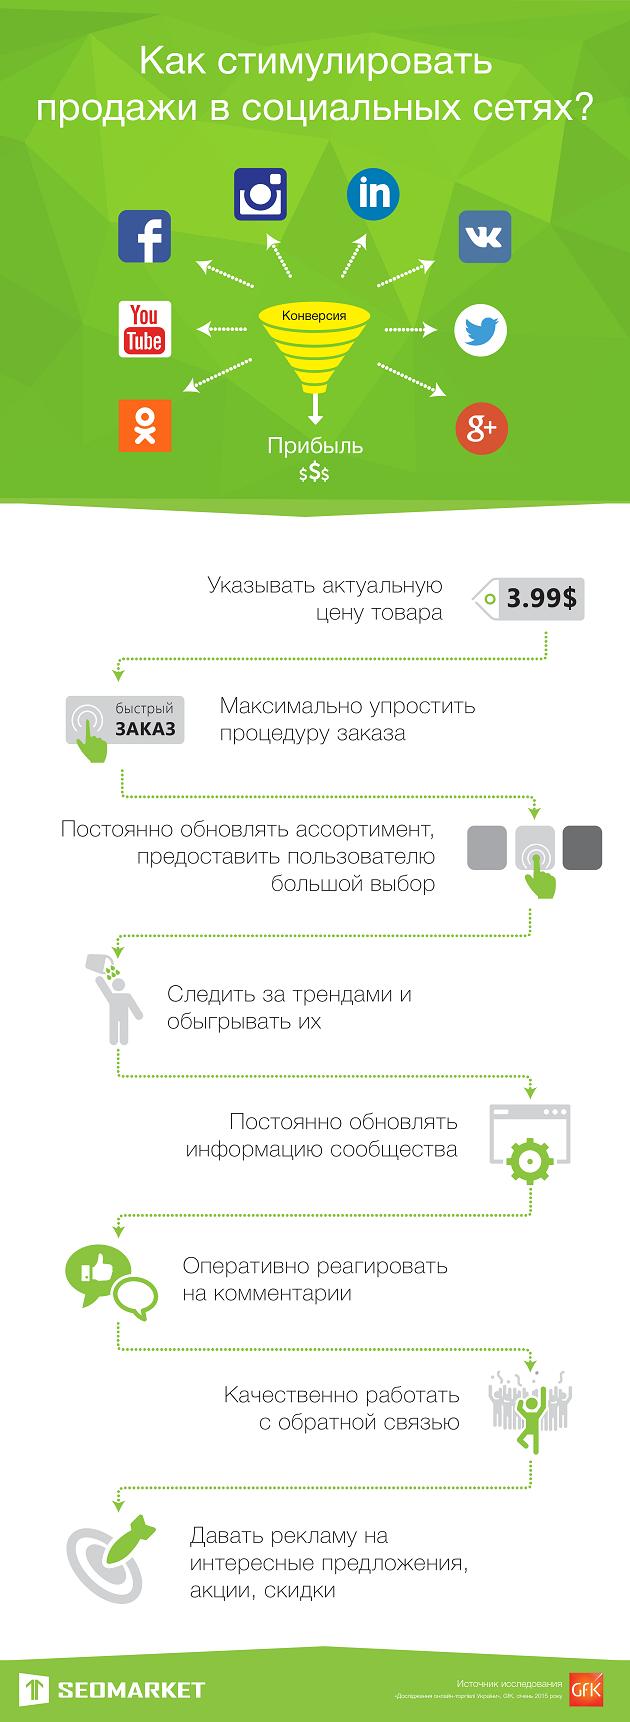 SMMTradeInfo2